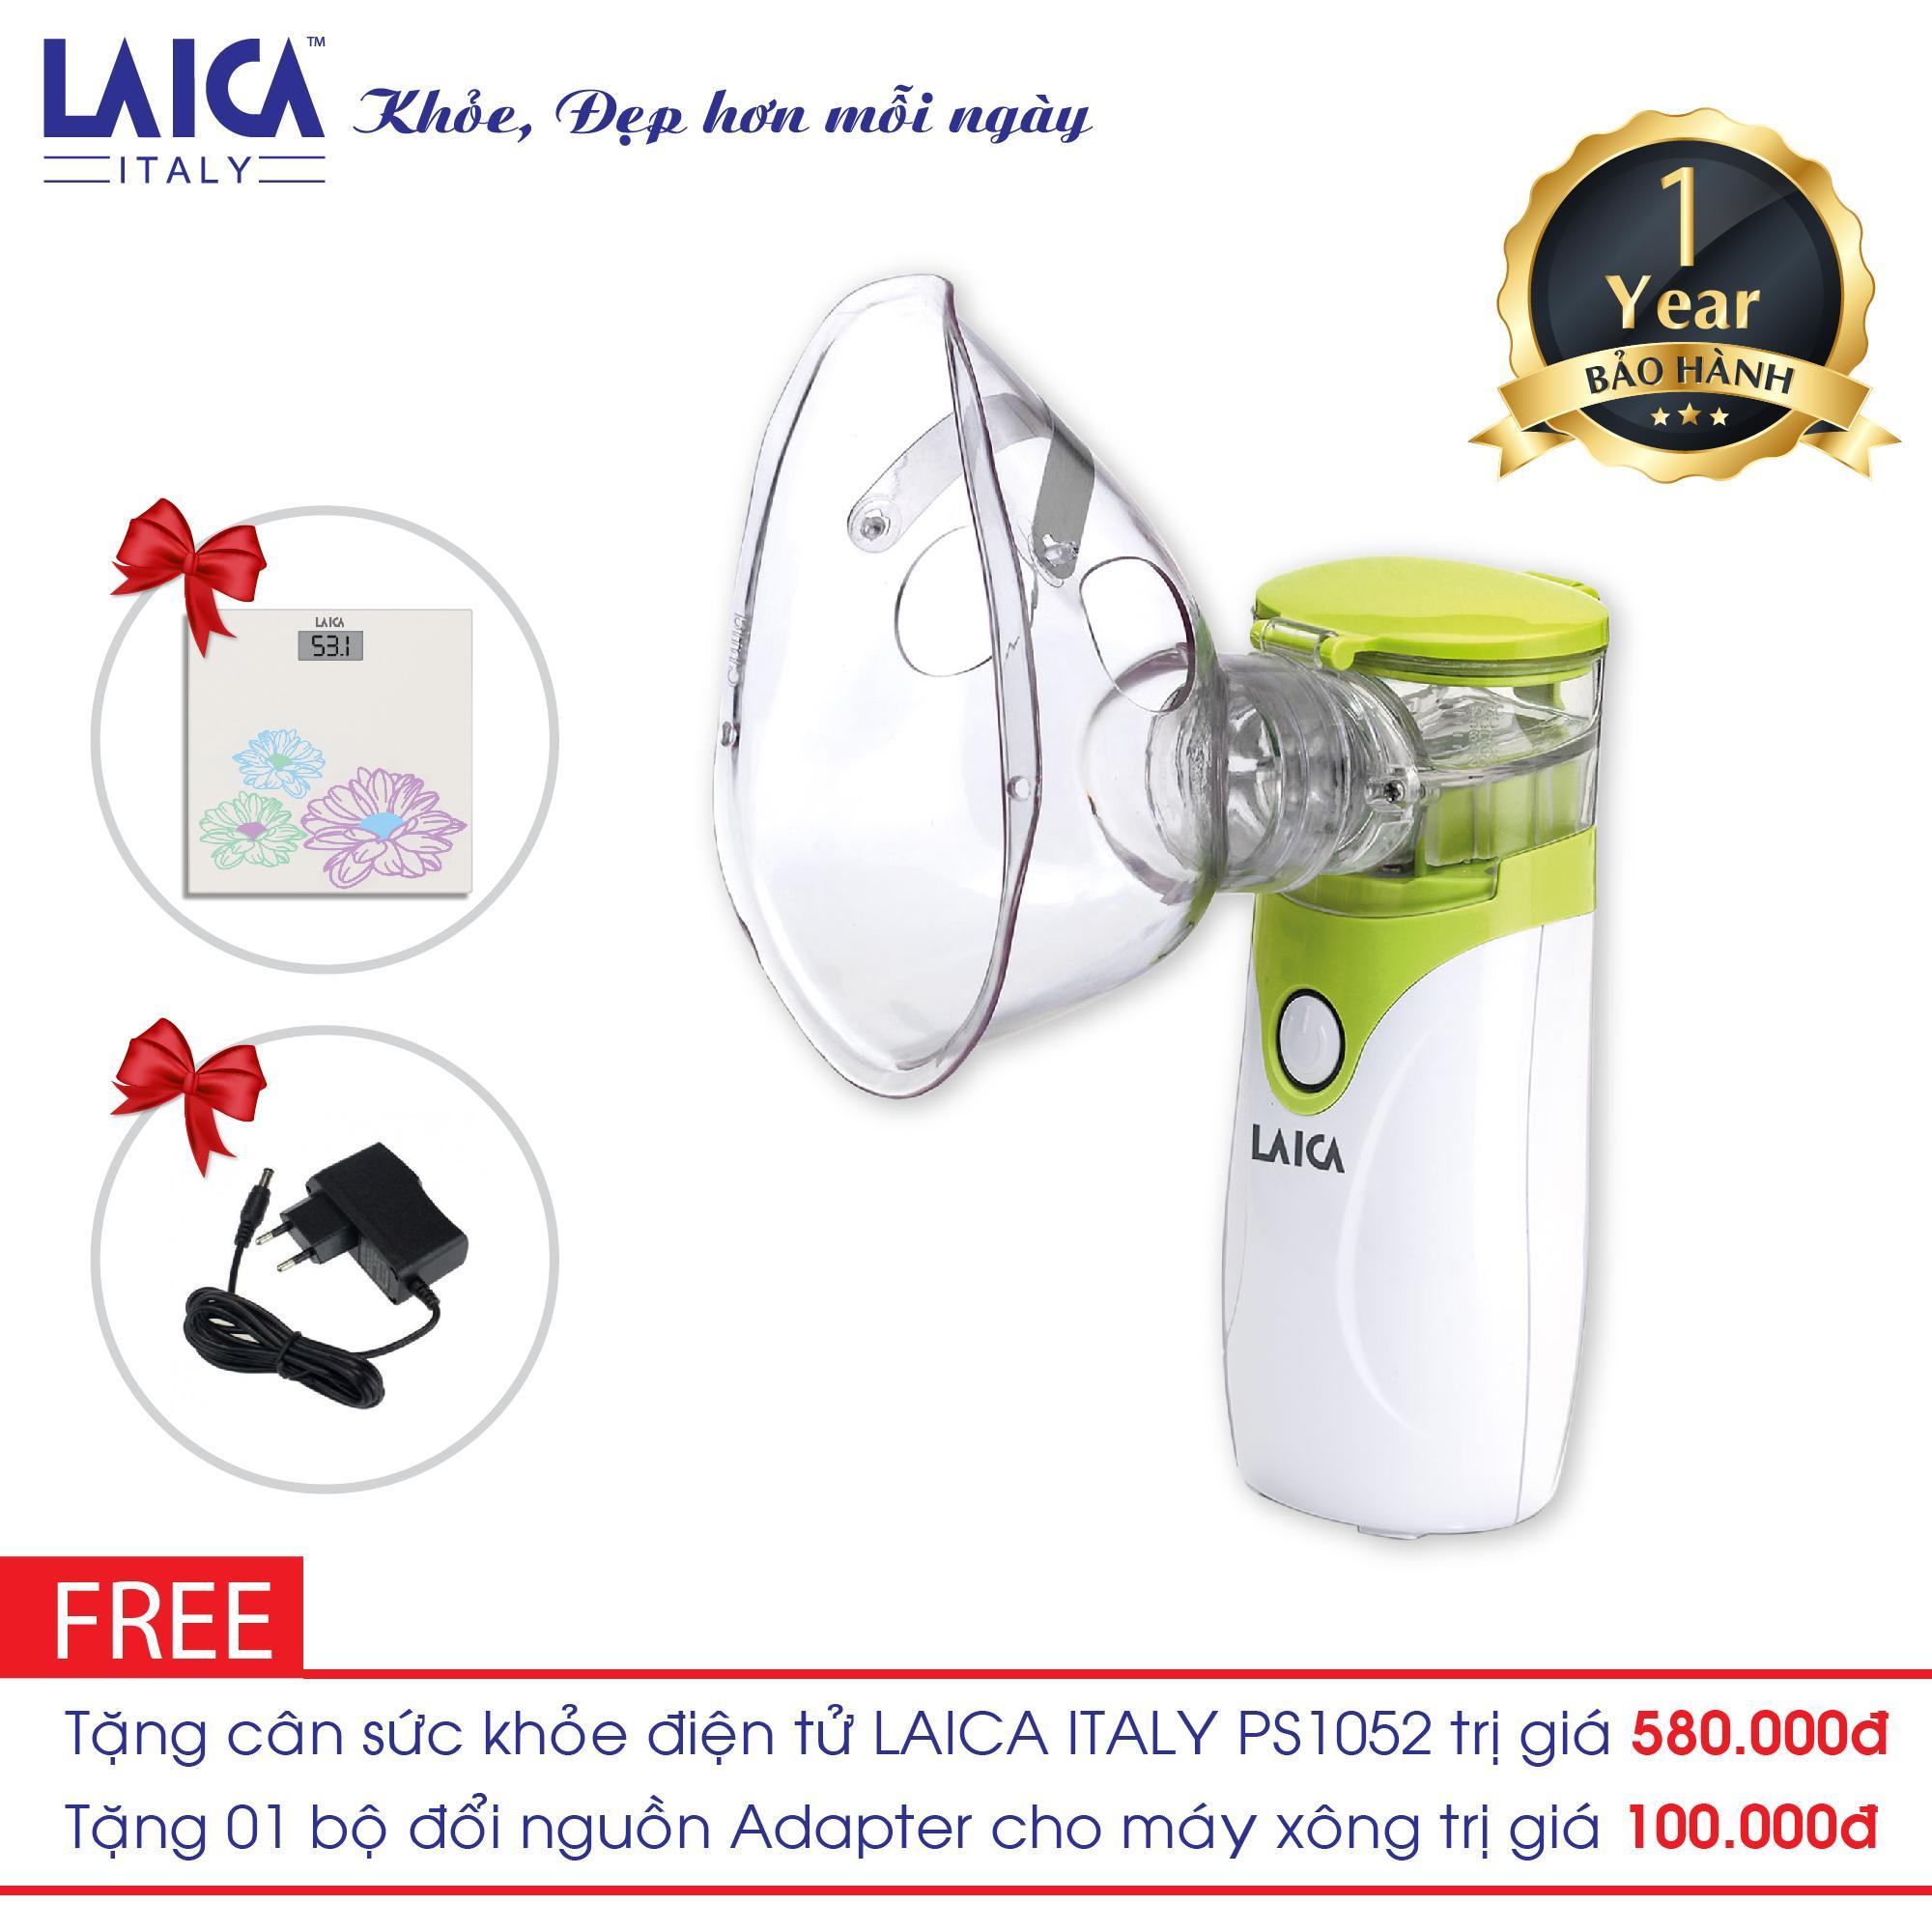 Hình ảnh Máy xông mũi họng LAICA NE1005 tặng Cân điện tử Laica Italy PS1052